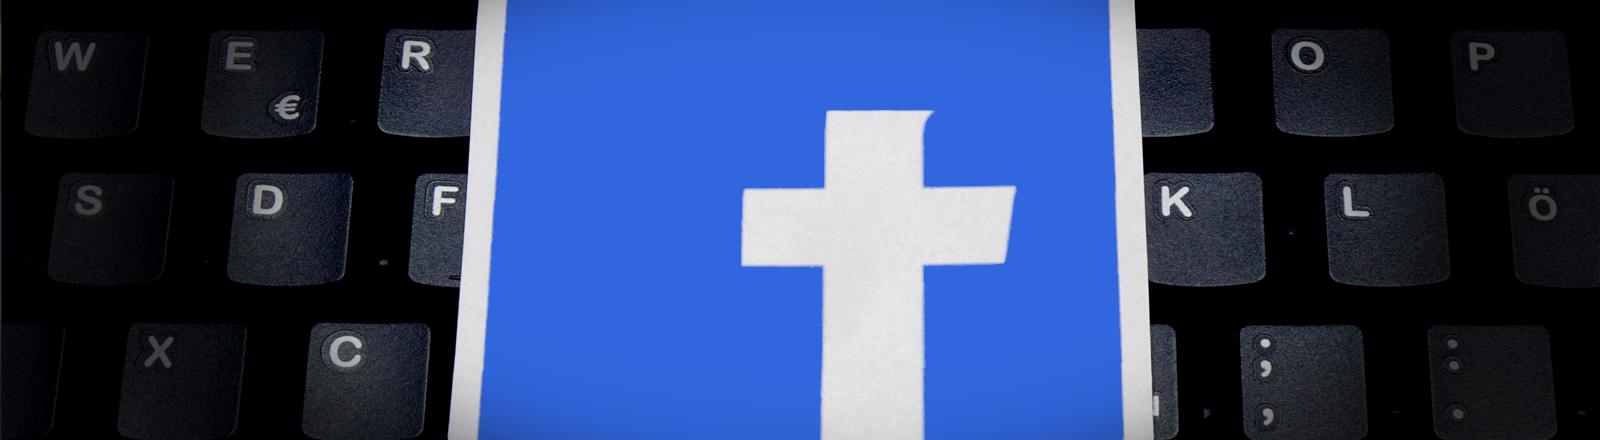 Der obere Bogen vom f des Facebook-Logos ist mit blau überdeckt, so dass ein Kreuz zurückbleibt. Das Logo liegt auf einer PC-Tastatur.